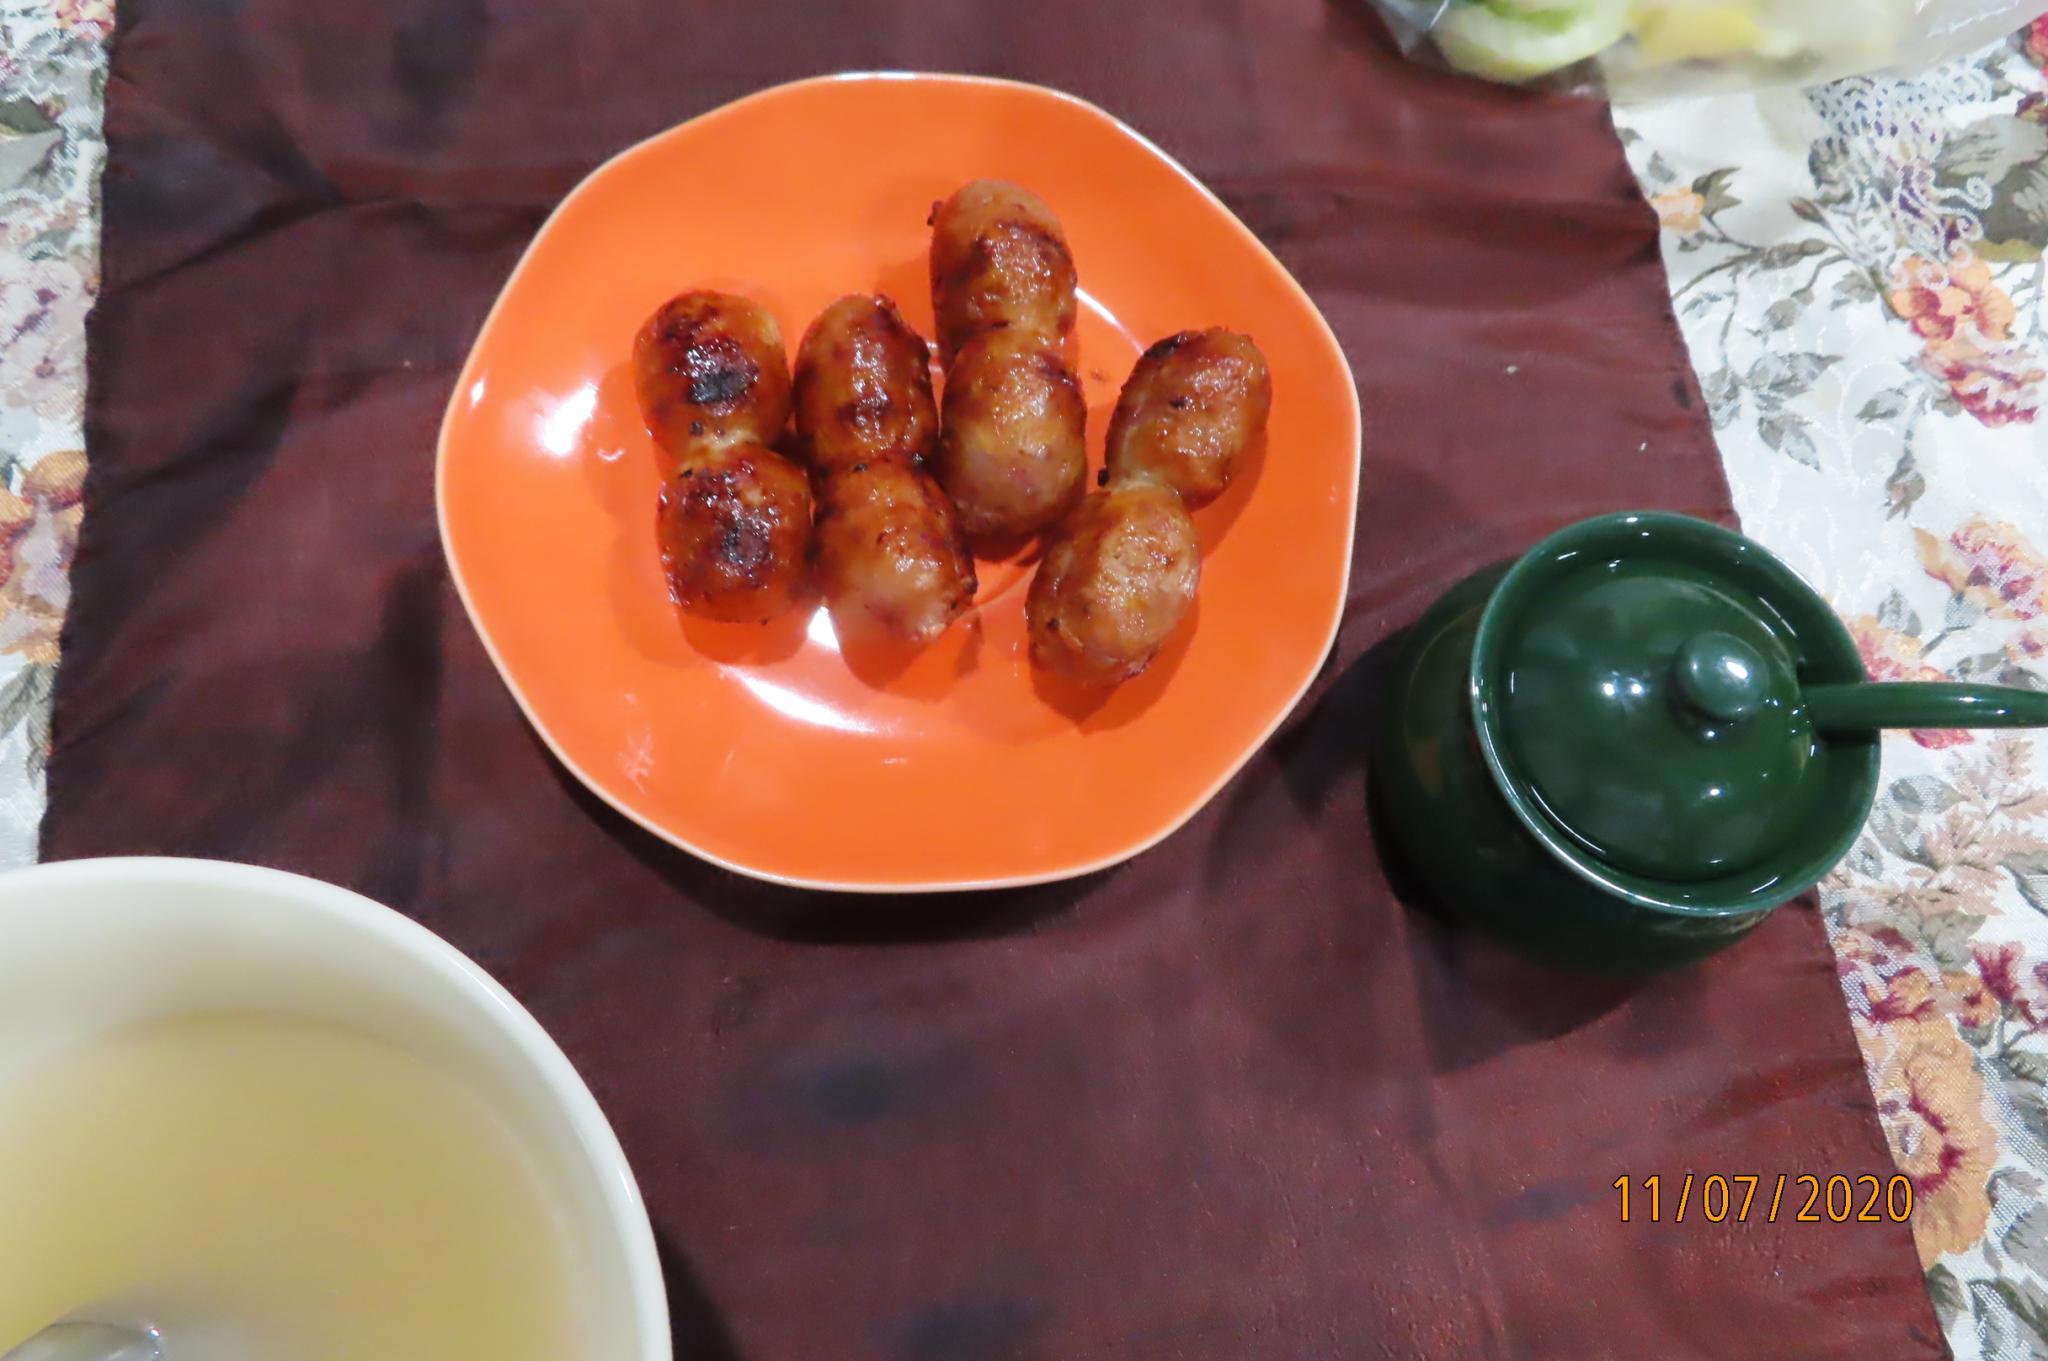 Dinner-img_7477-jpg